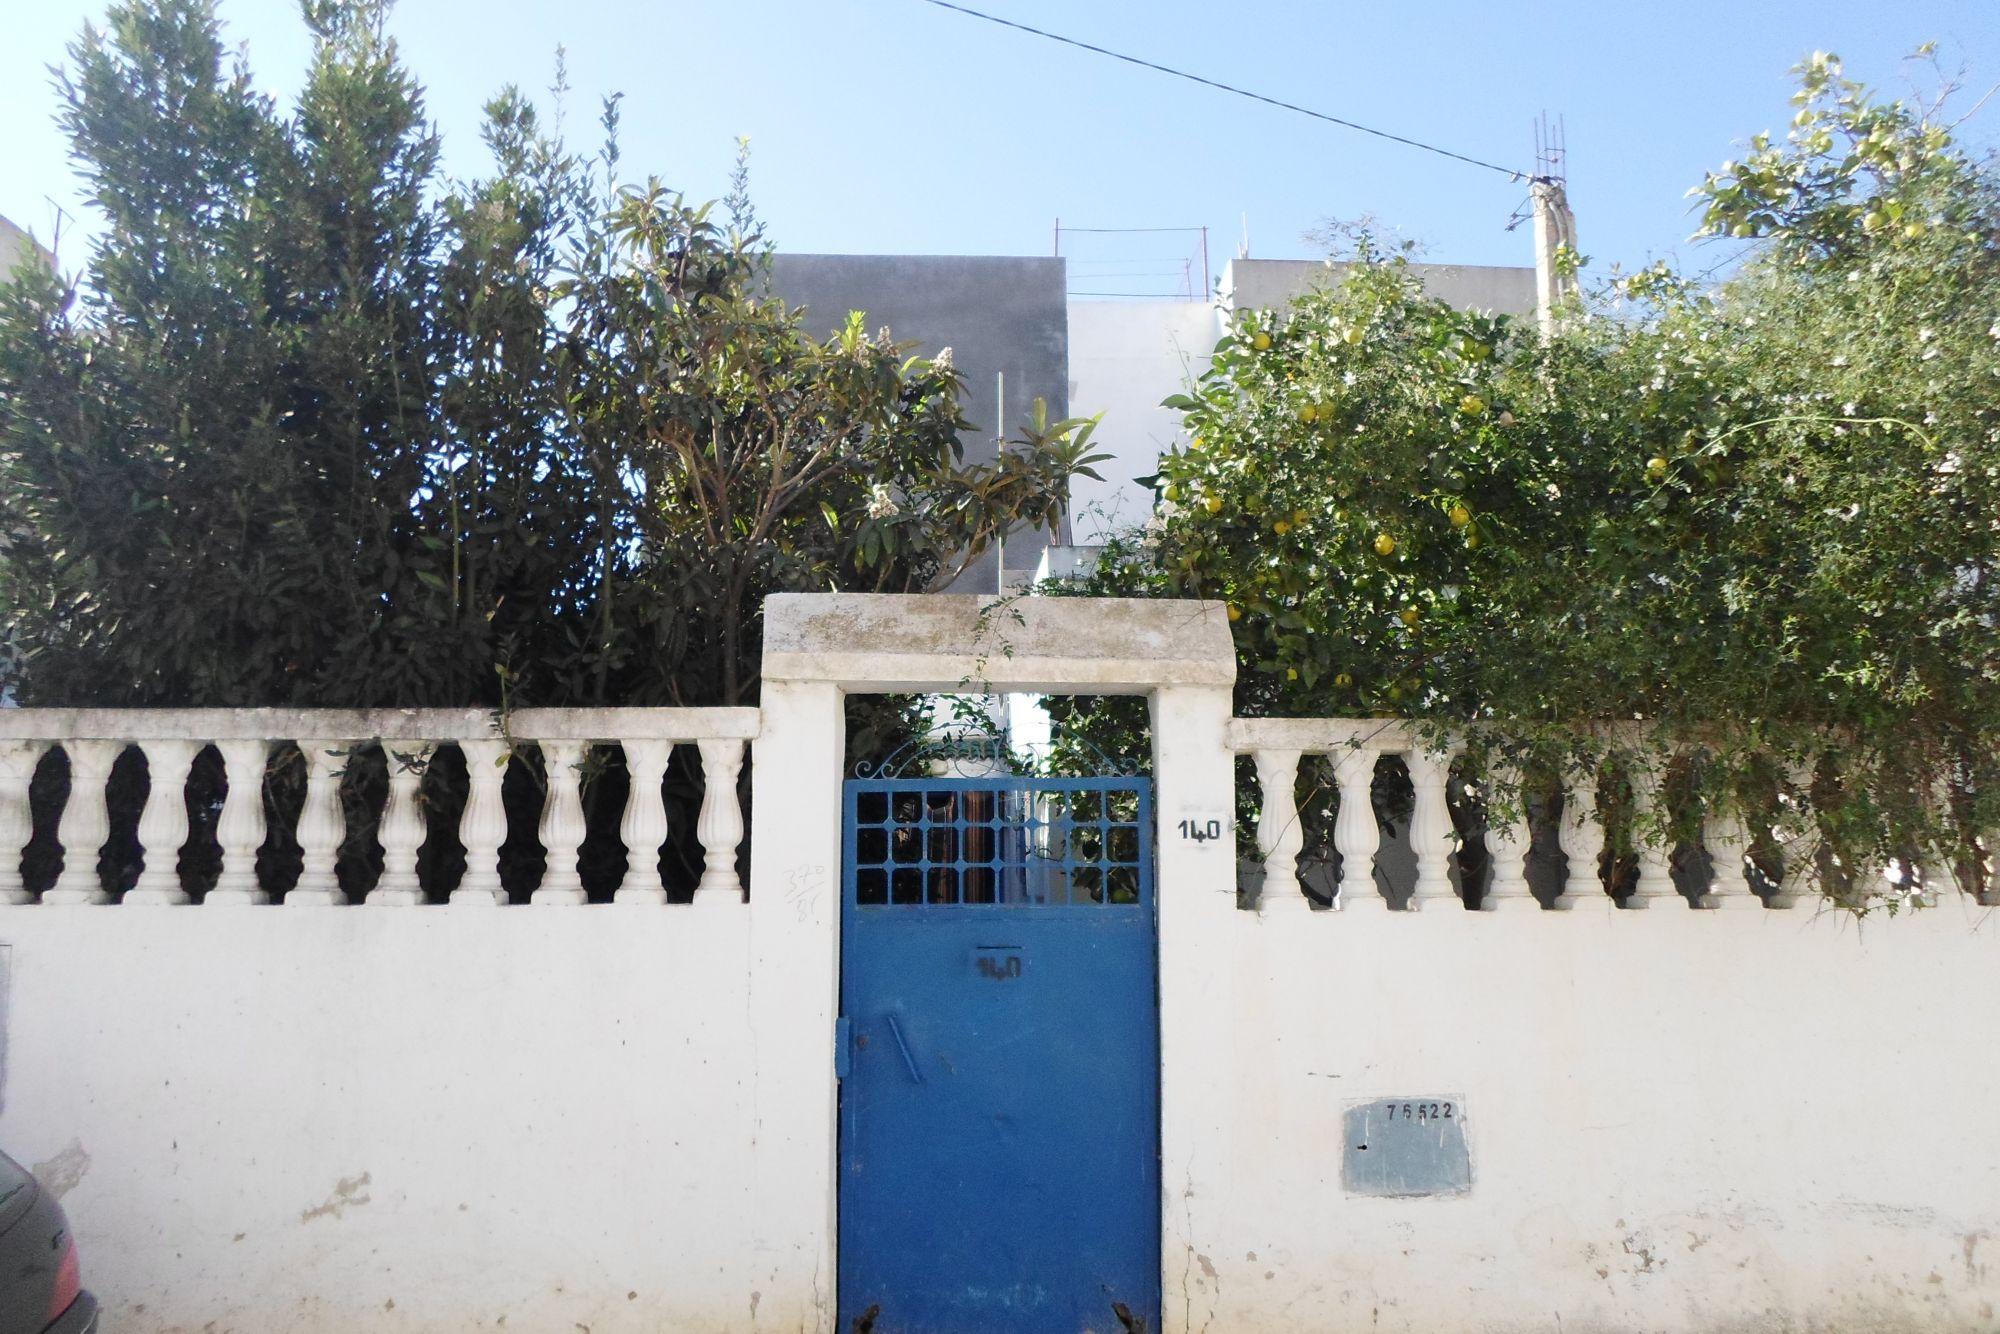 Maison à 80md av aux alentours de hammamet